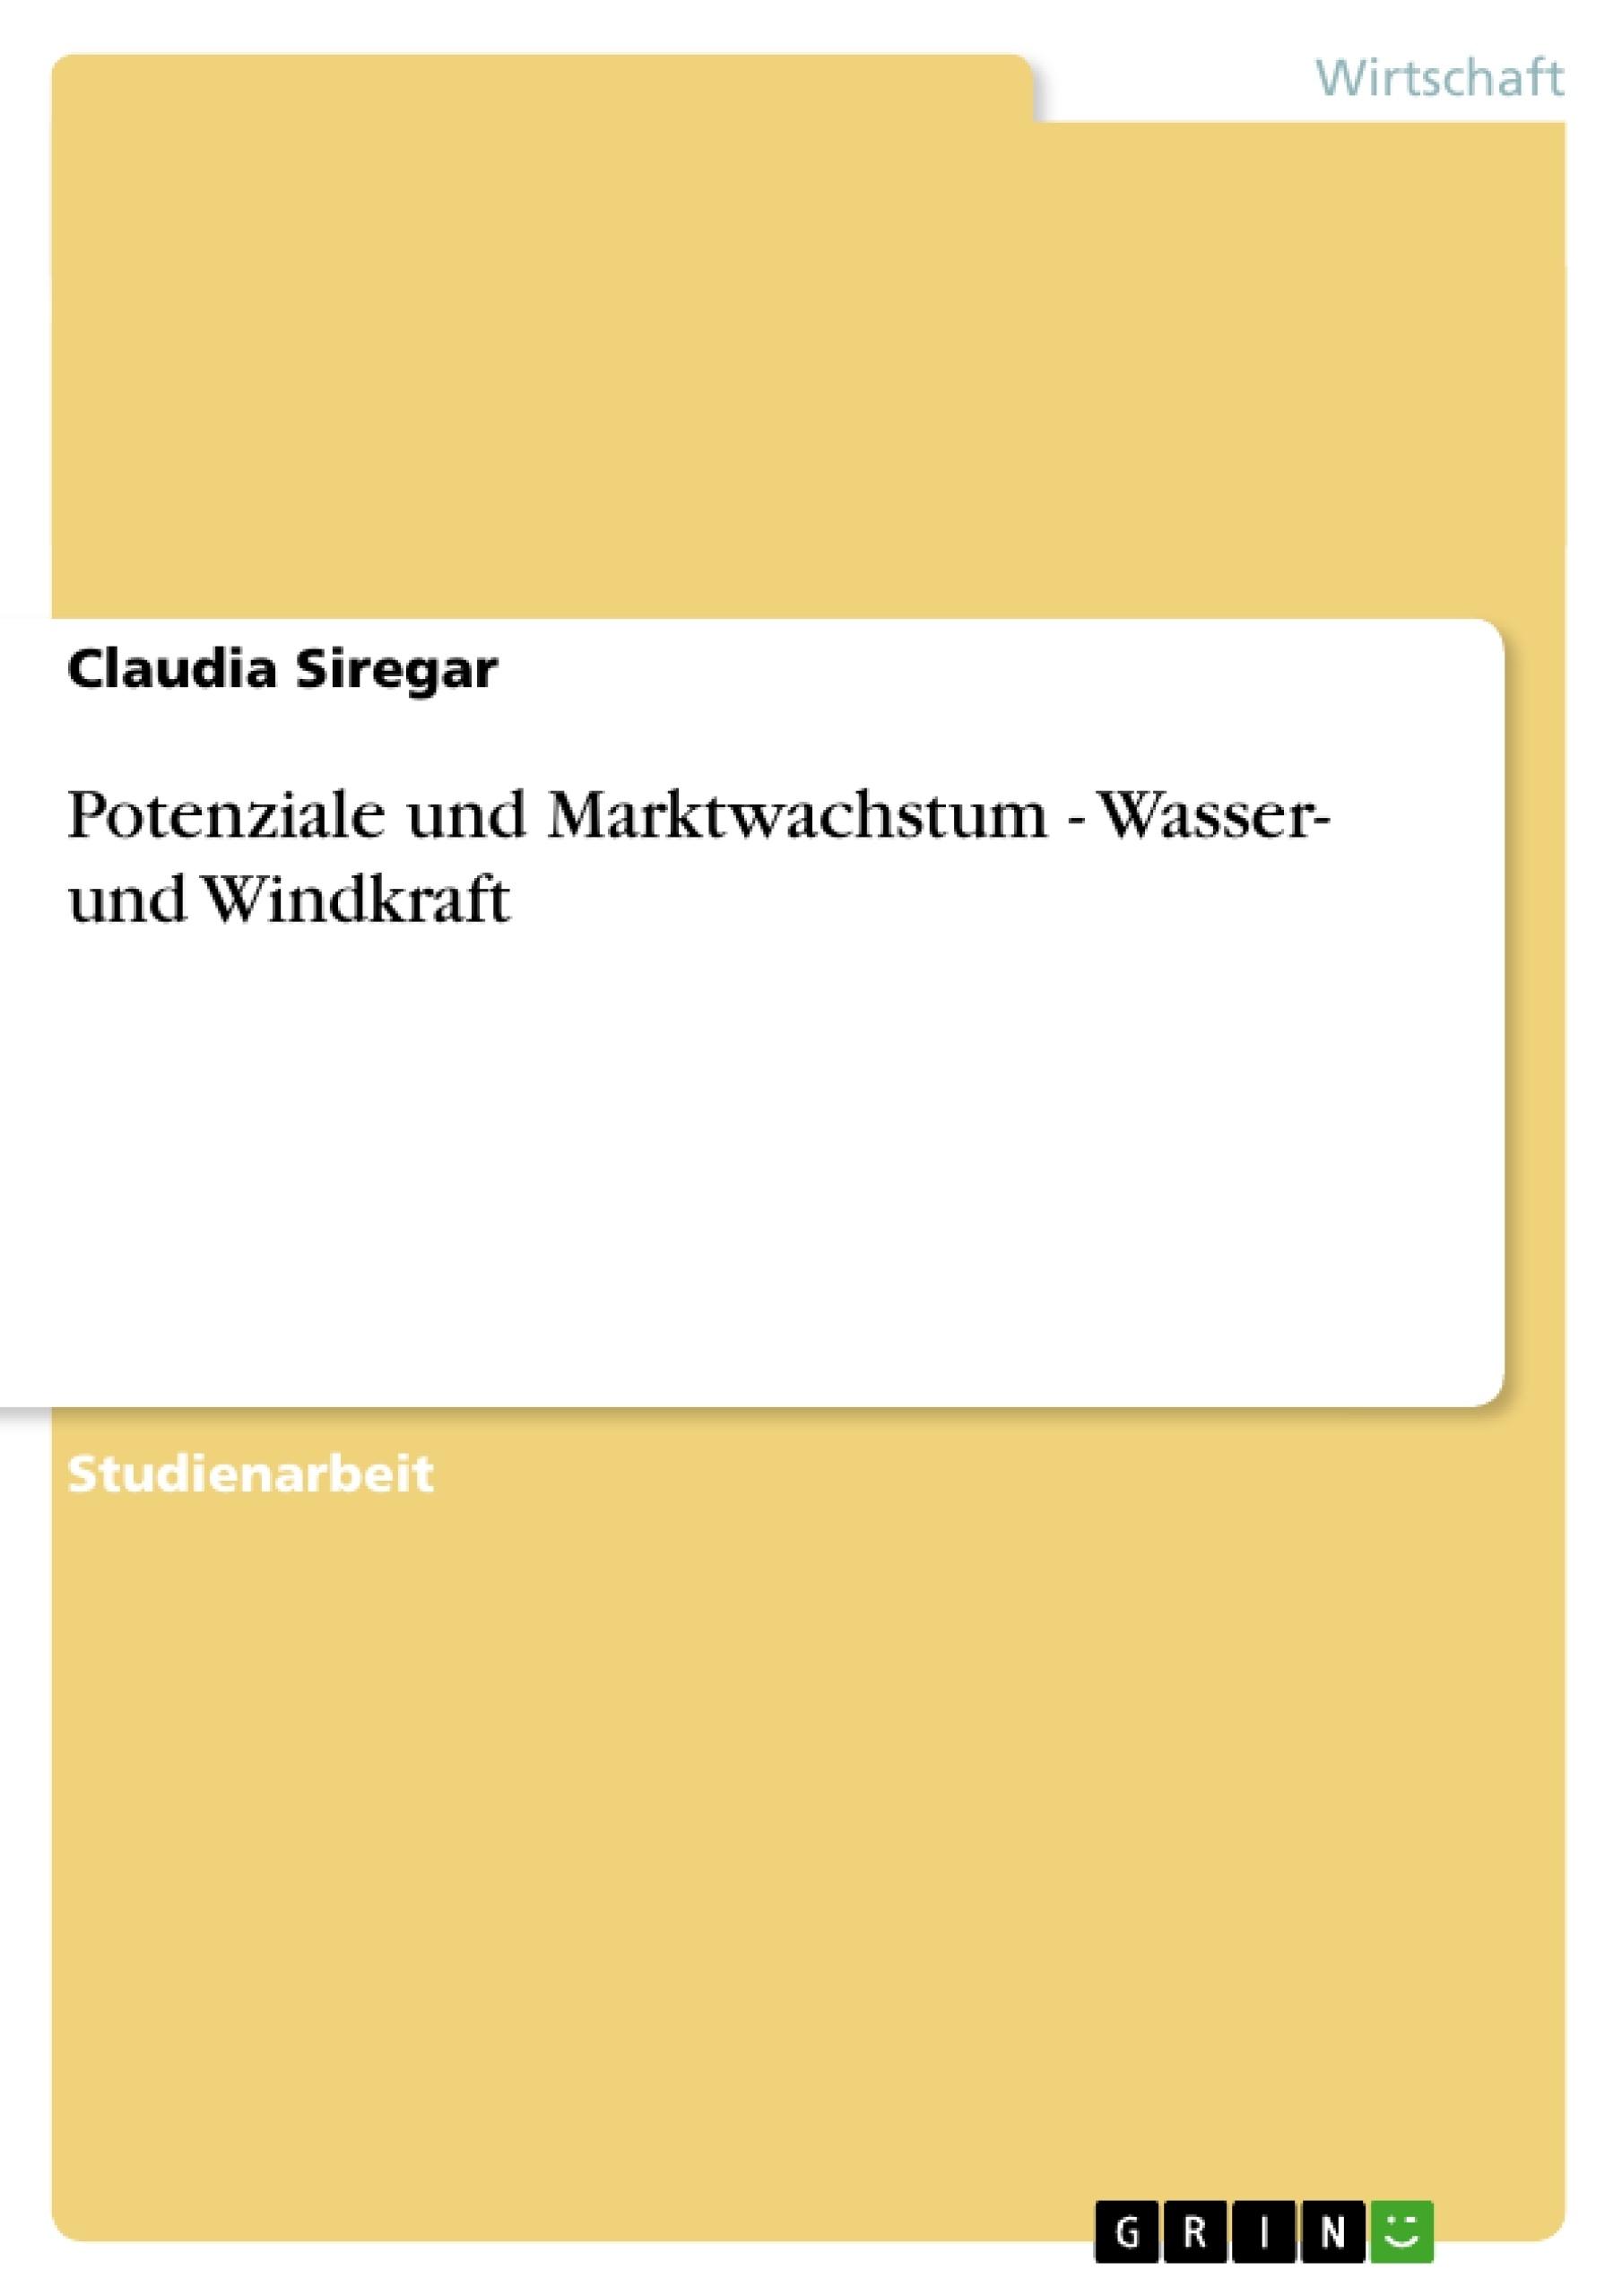 Titel: Potenziale und Marktwachstum - Wasser- und Windkraft